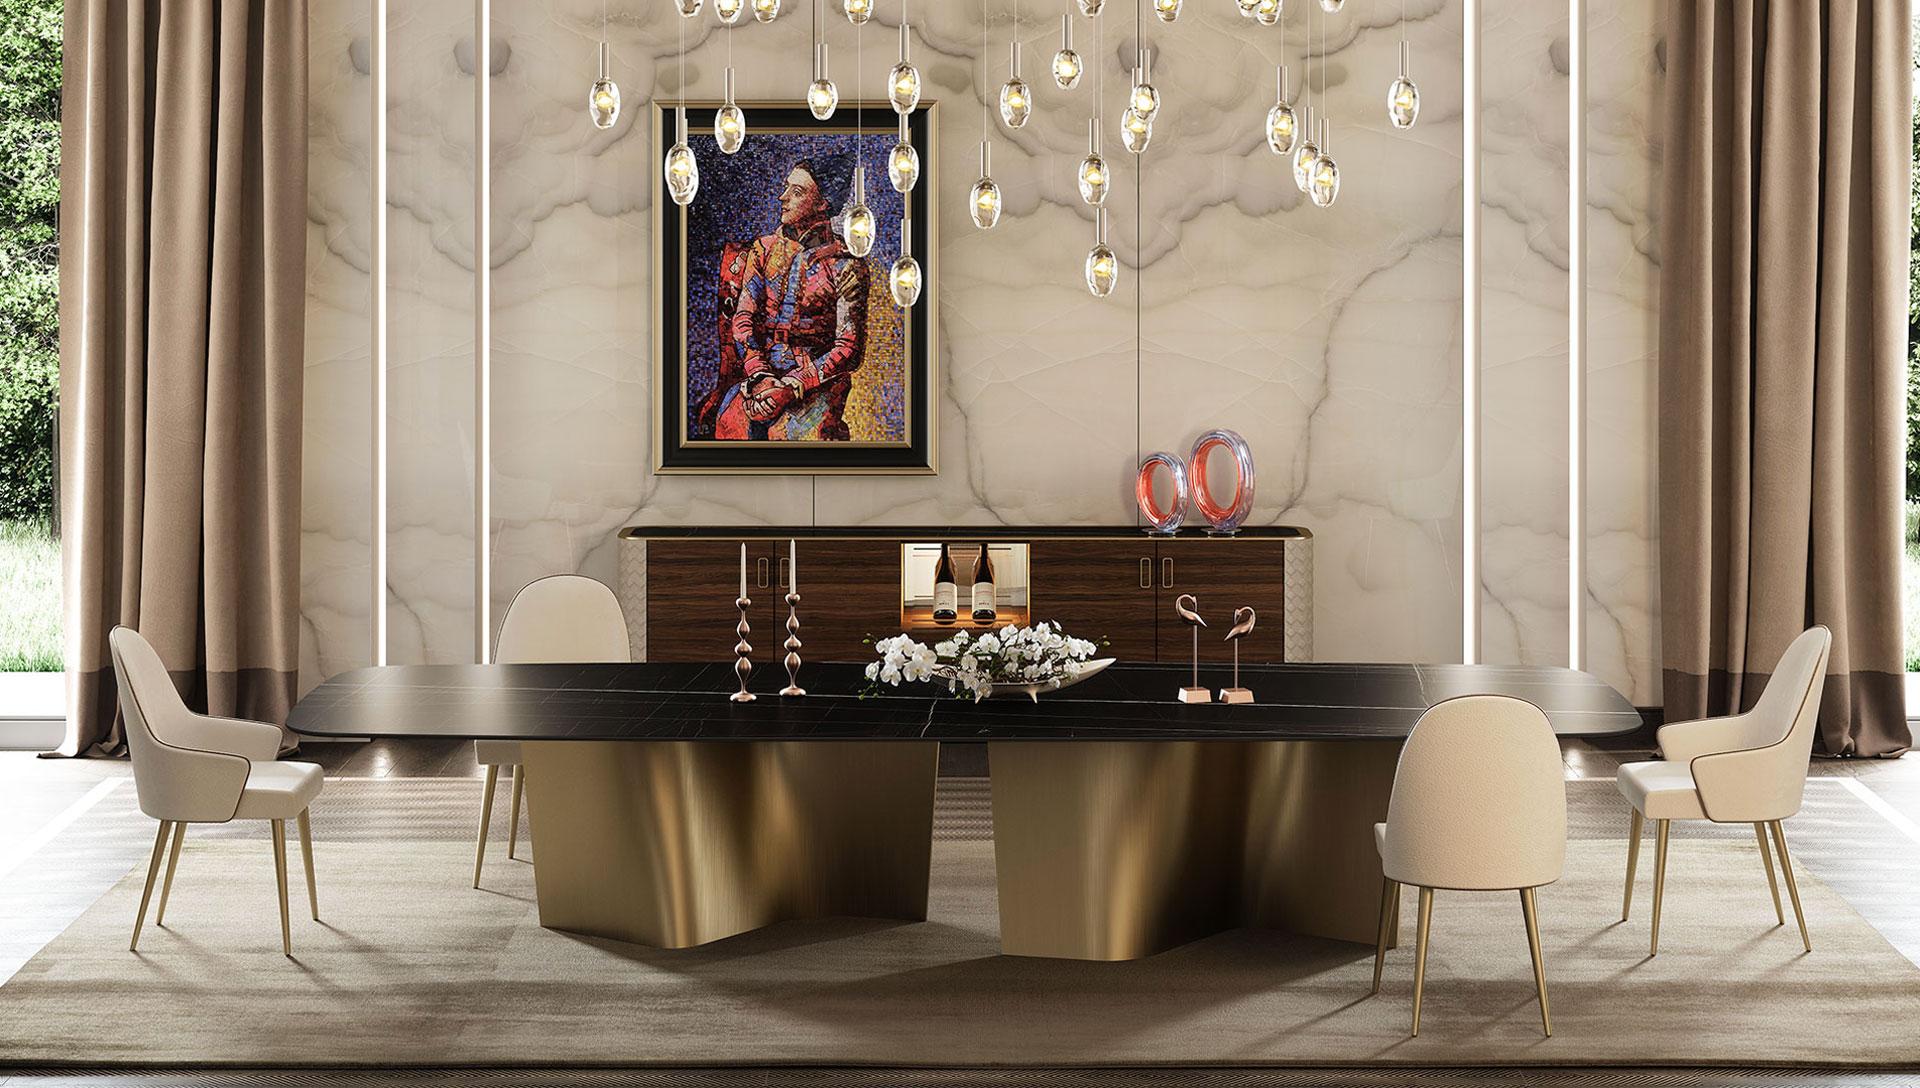 zona-giorno-reflex-angelo-comodus-arredamenti-nicoletti-interni-interior-design-divani-complementi-arredo-mobili-design-accessori-matera